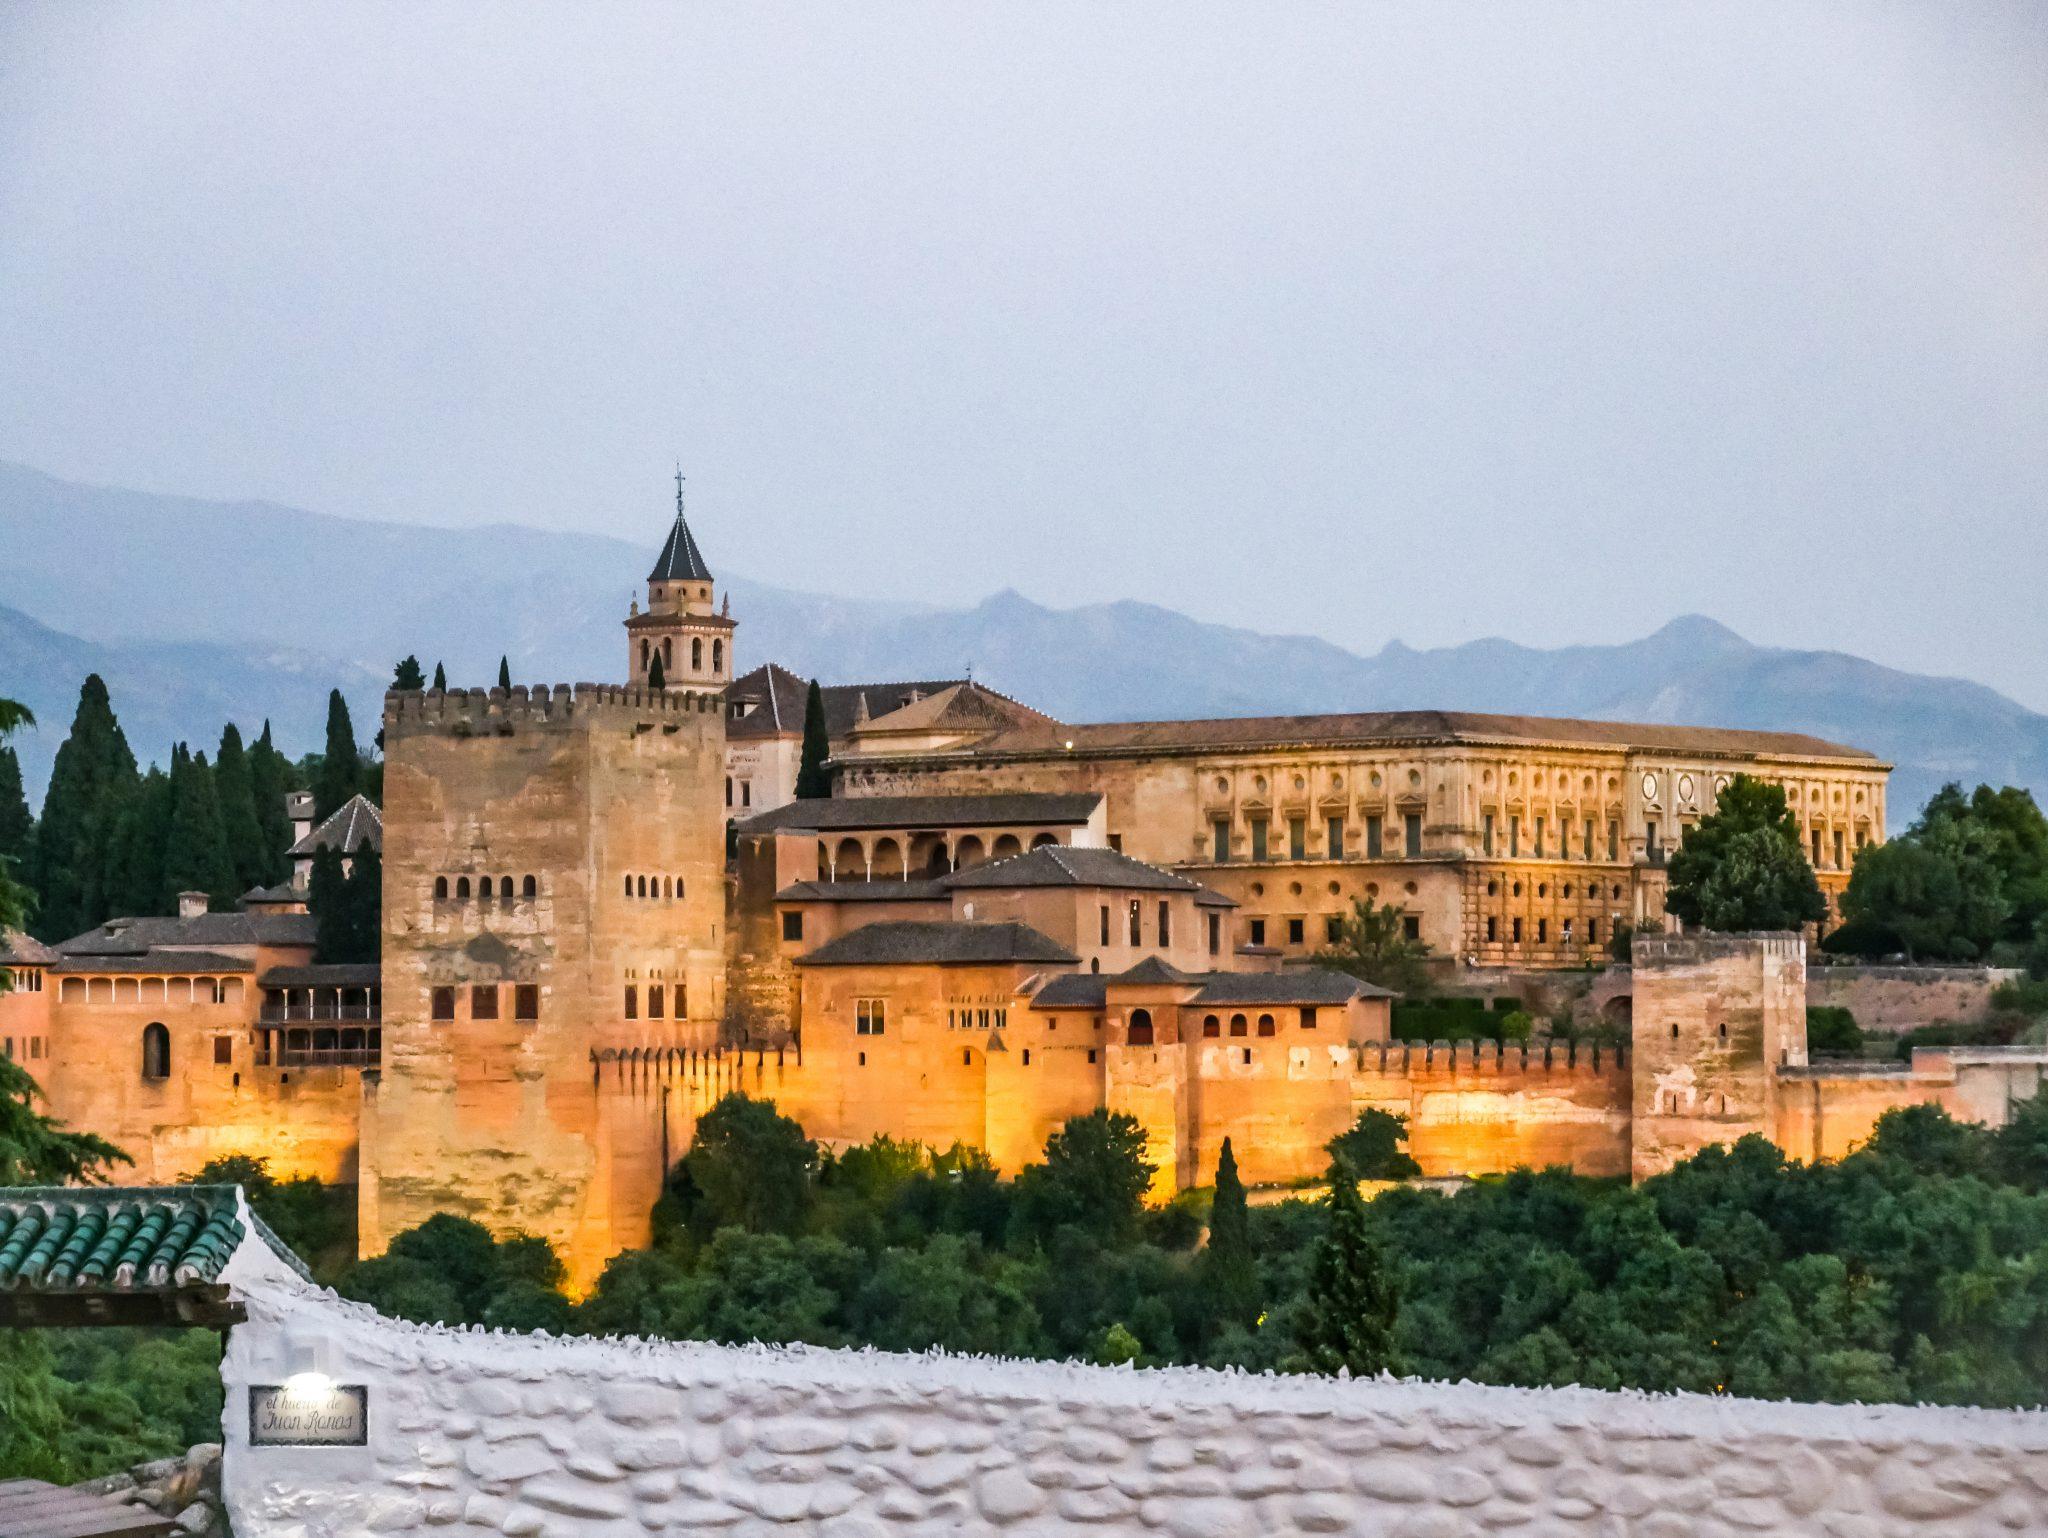 Im nächsten Post erfährst du, von welchem Aussichtspunkt aus ich dieses Bild von der Alhambra gemacht habe. Bis nächste Woche, 11 Uhr.